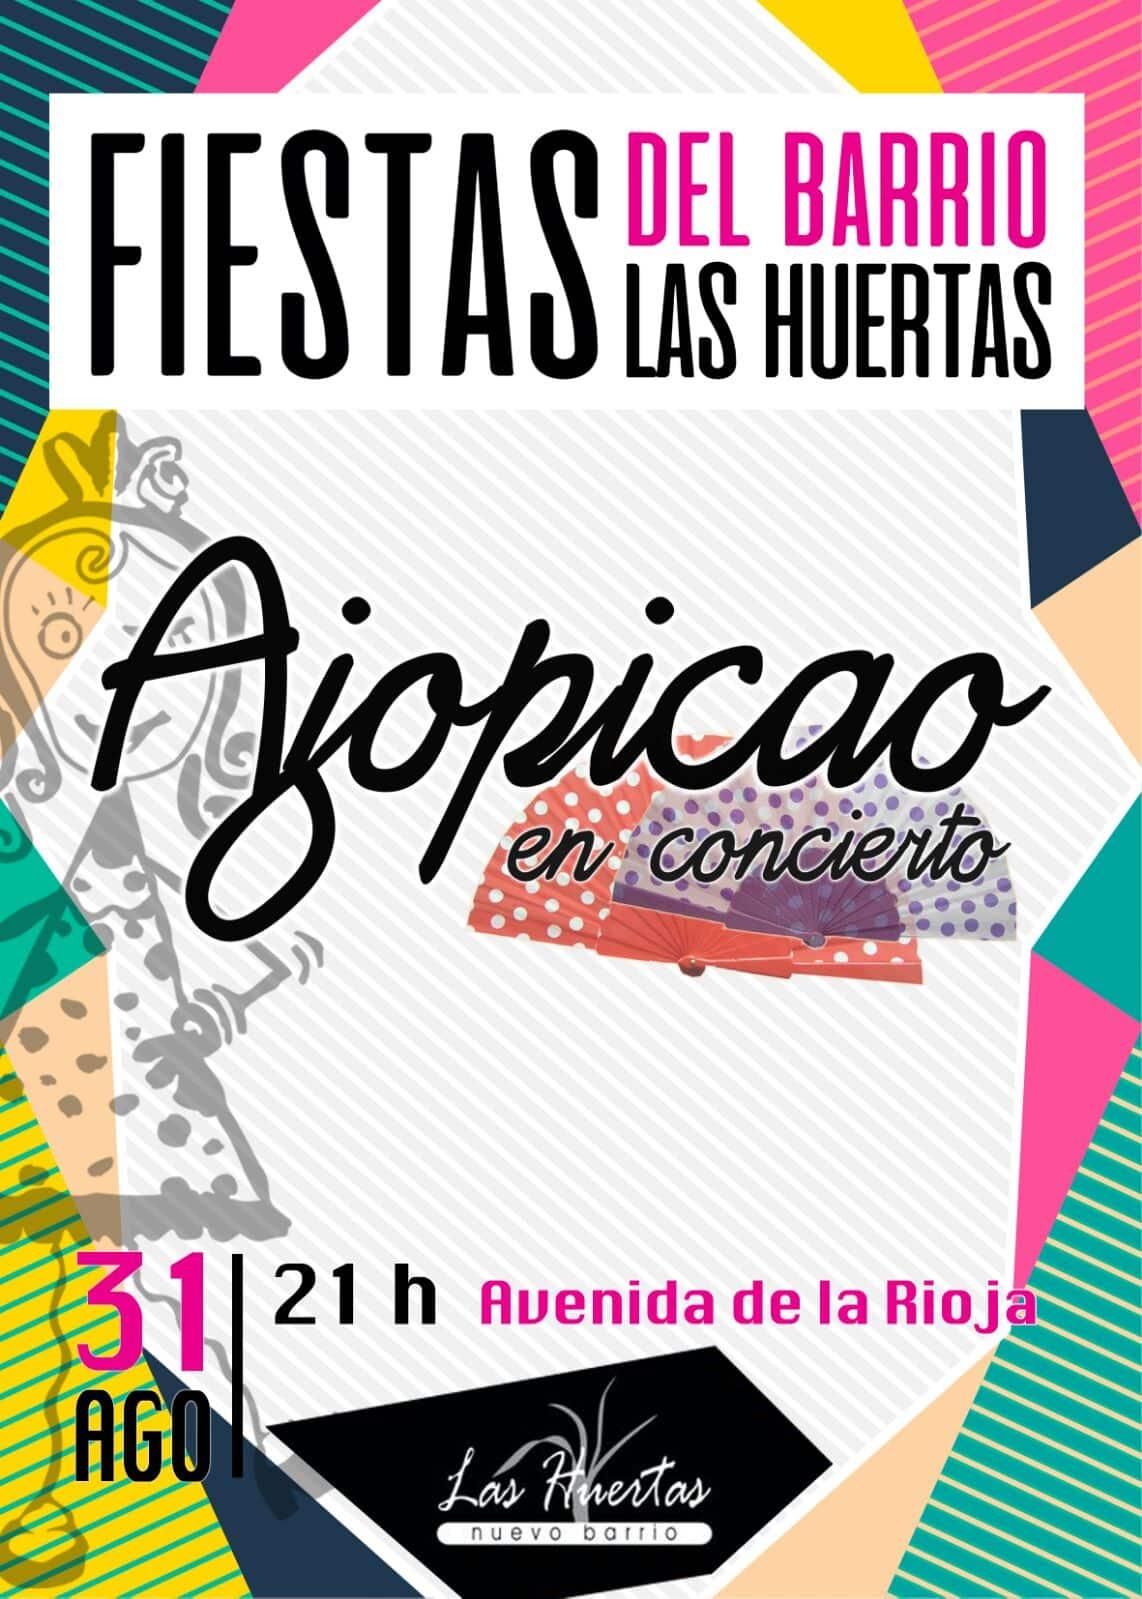 El Barrio de las Huertas inicia este jueves sus fiestas con el concierto de 'Ajopicao' y un pinchopote 1